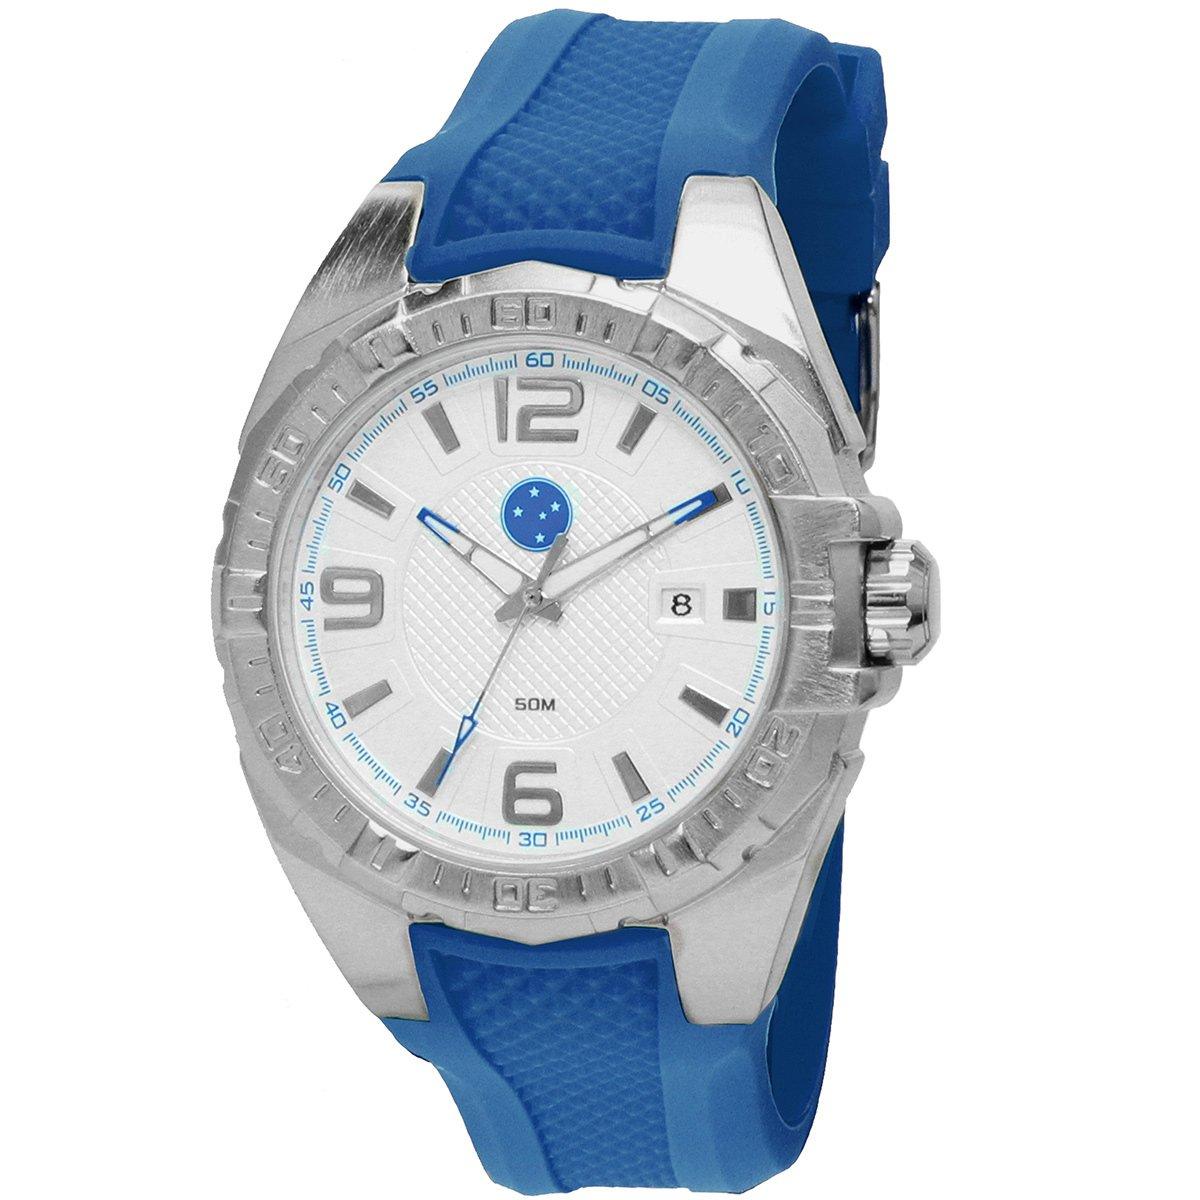 74666f1cfc7 Relógio Technos Cruzeiro Analógico III Calendário - Azul e Prata - Compre  Agora